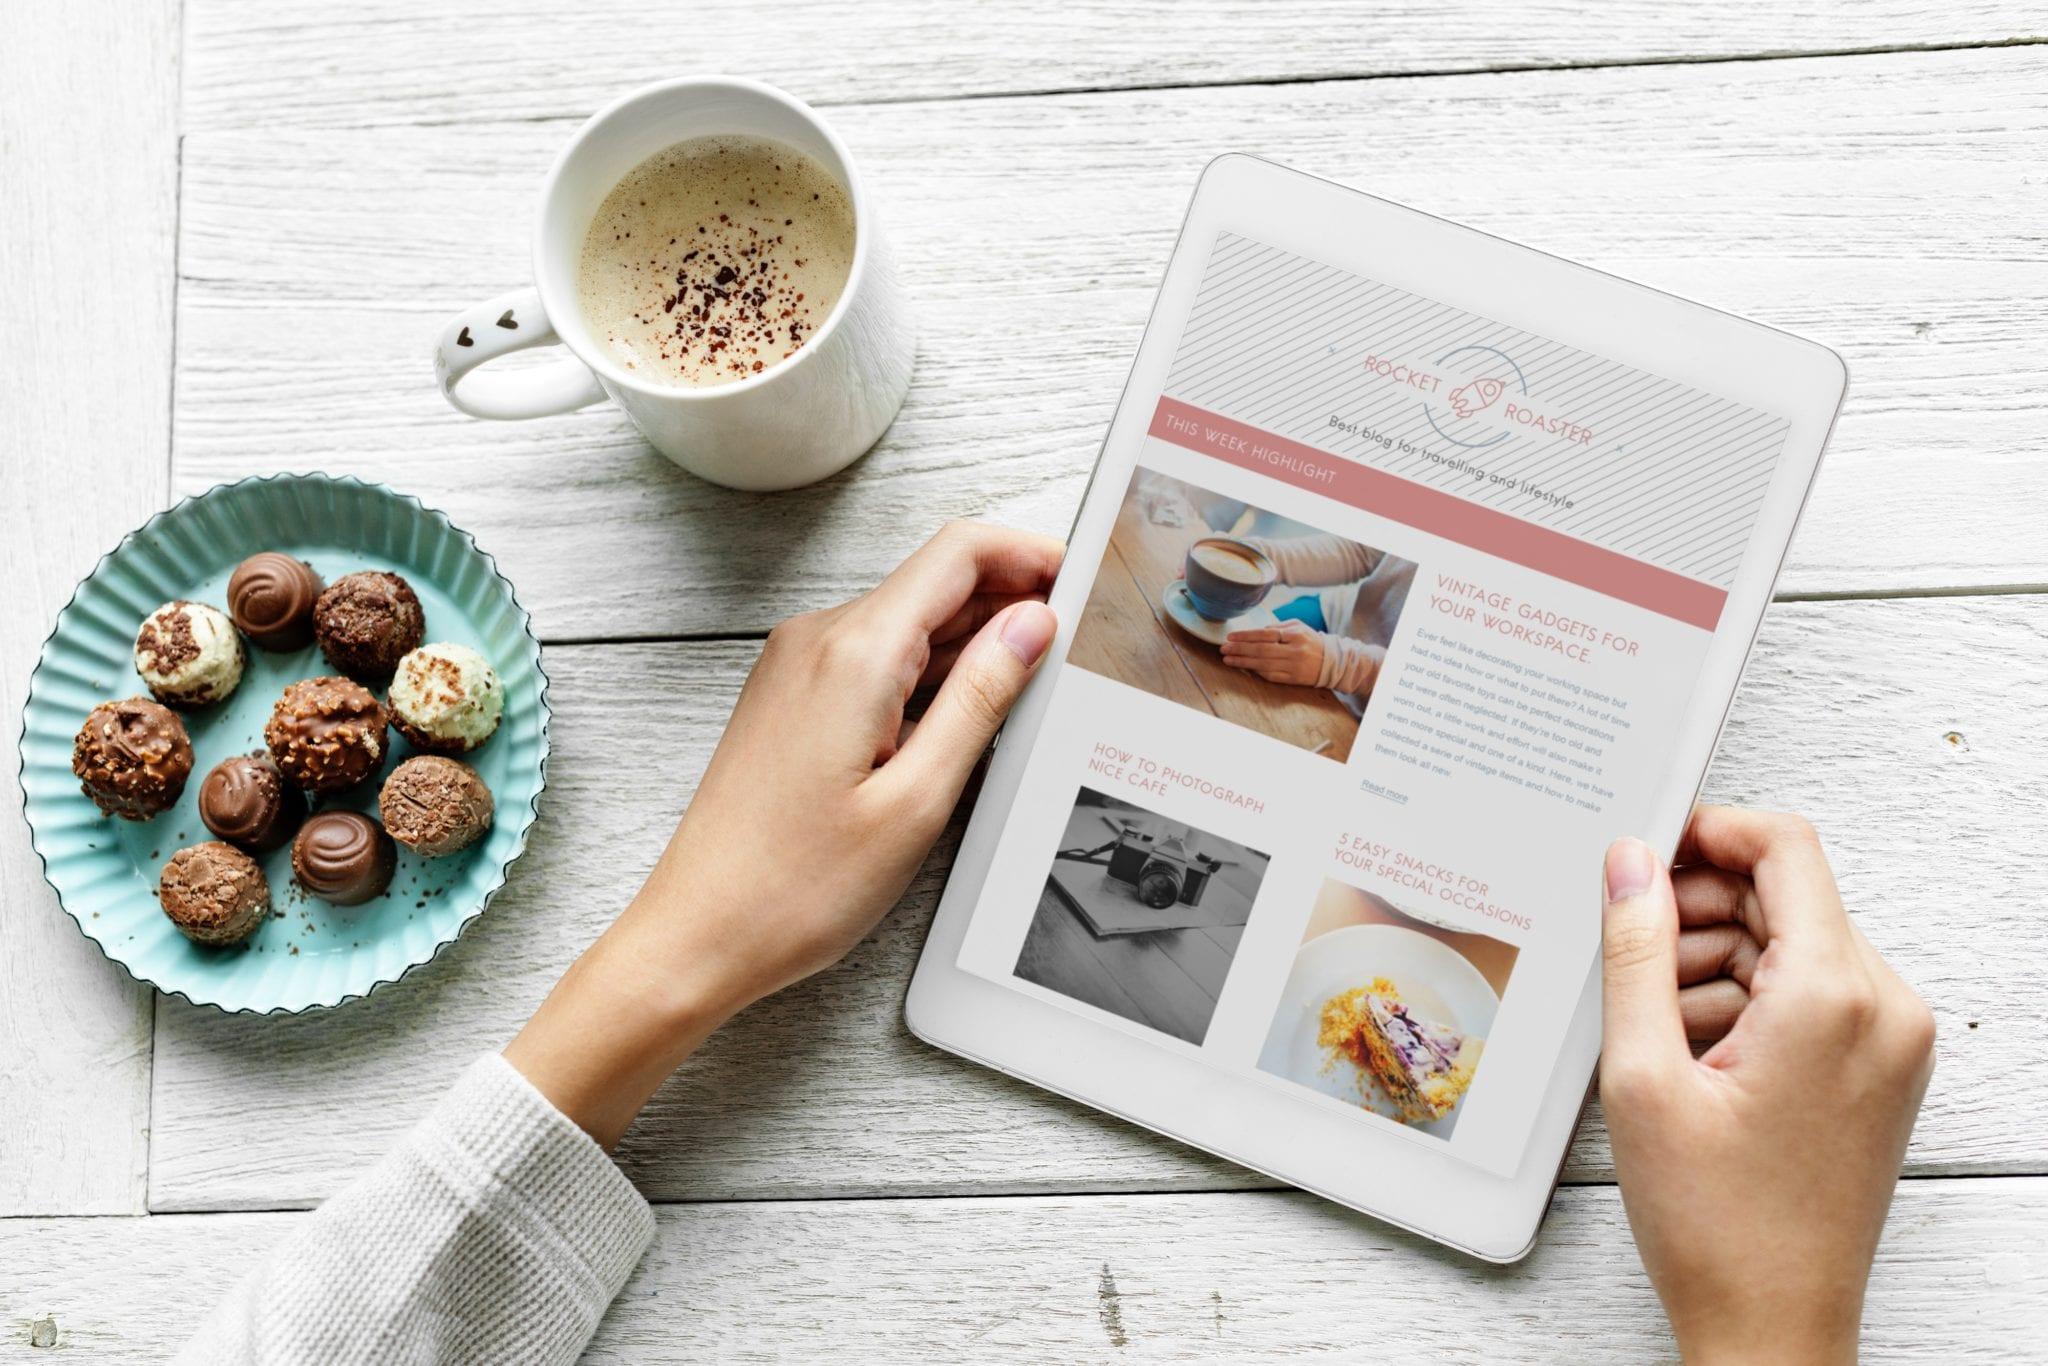 Sigue Esos Consejos Para Escribir Un Buen Artículo Y Potenciar Tu Blog